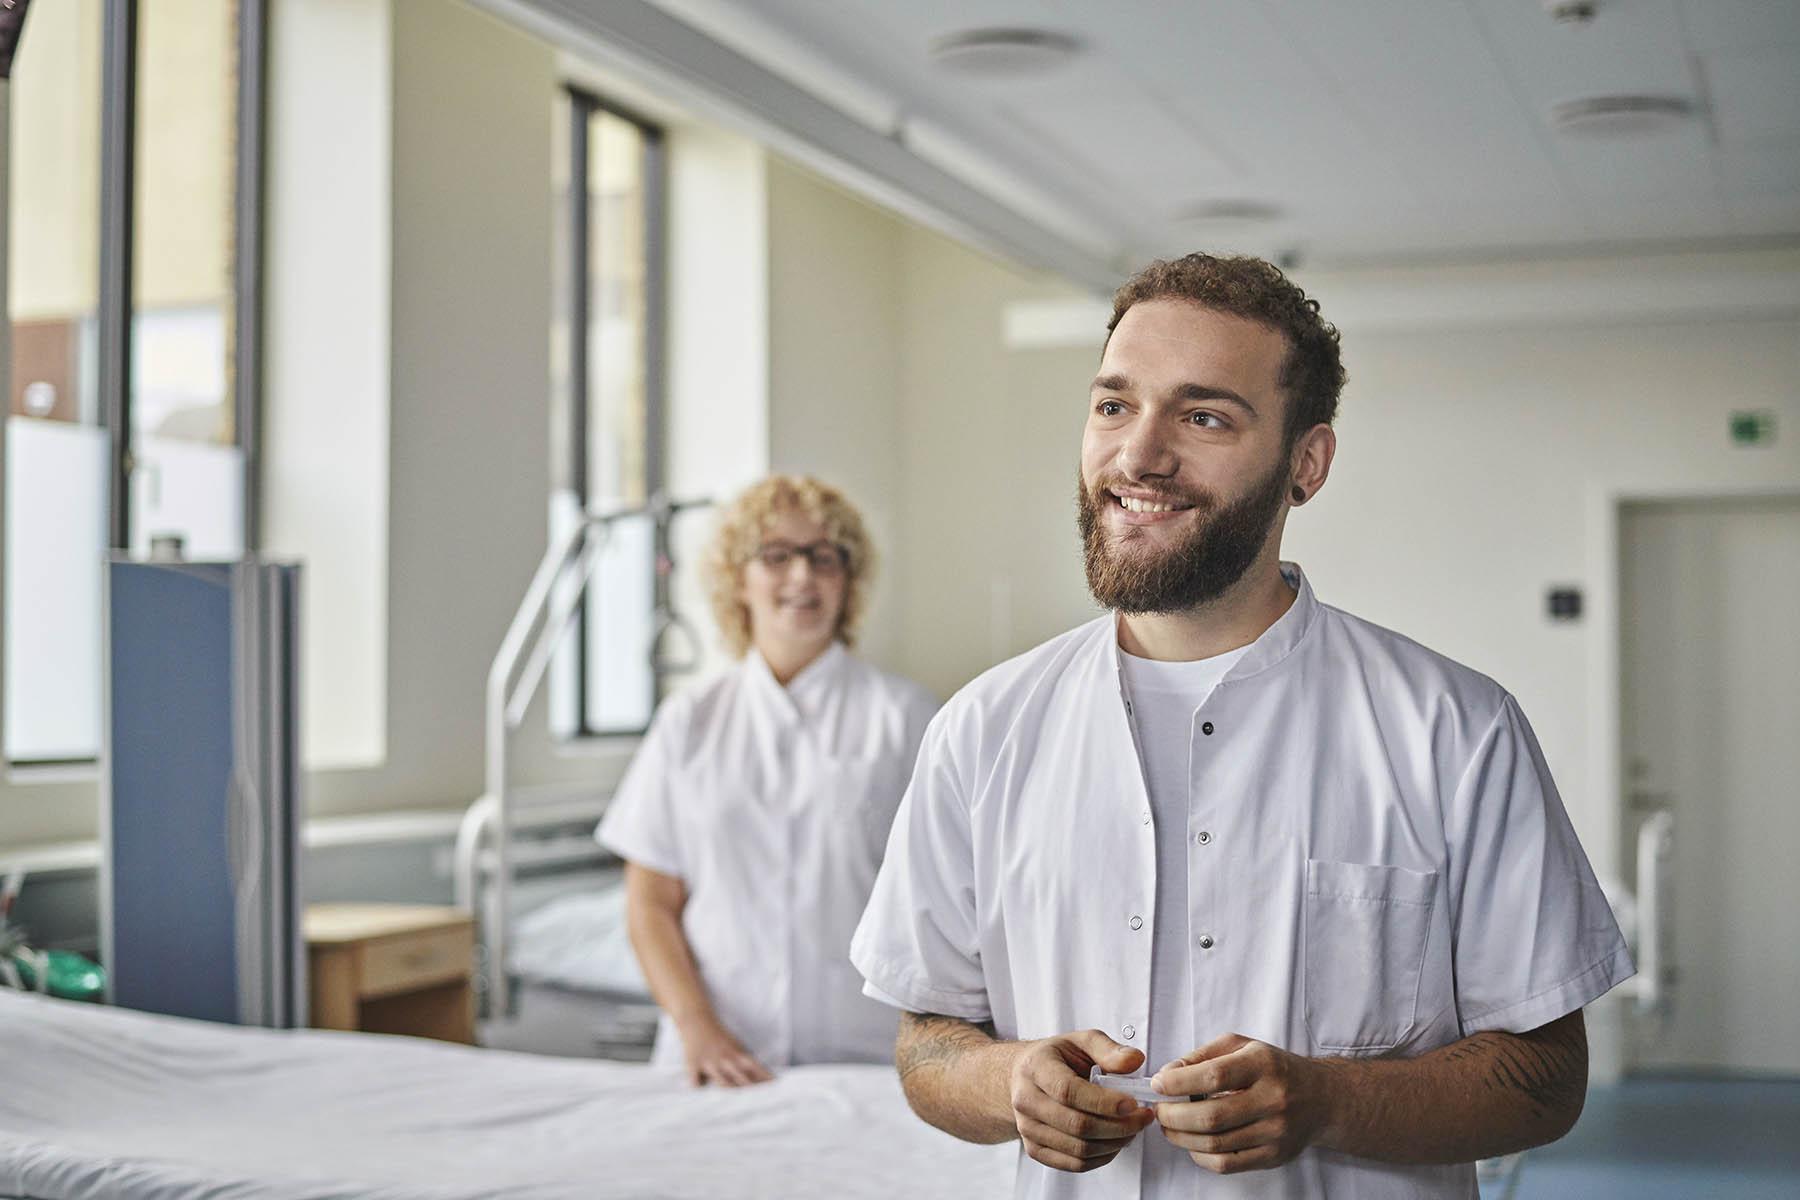 En mandlig og en kvindelig studerende fra sygeplejerskeuddannelsen står iført kitler i hospitalsstuen i Praksis- og Innovationshuset